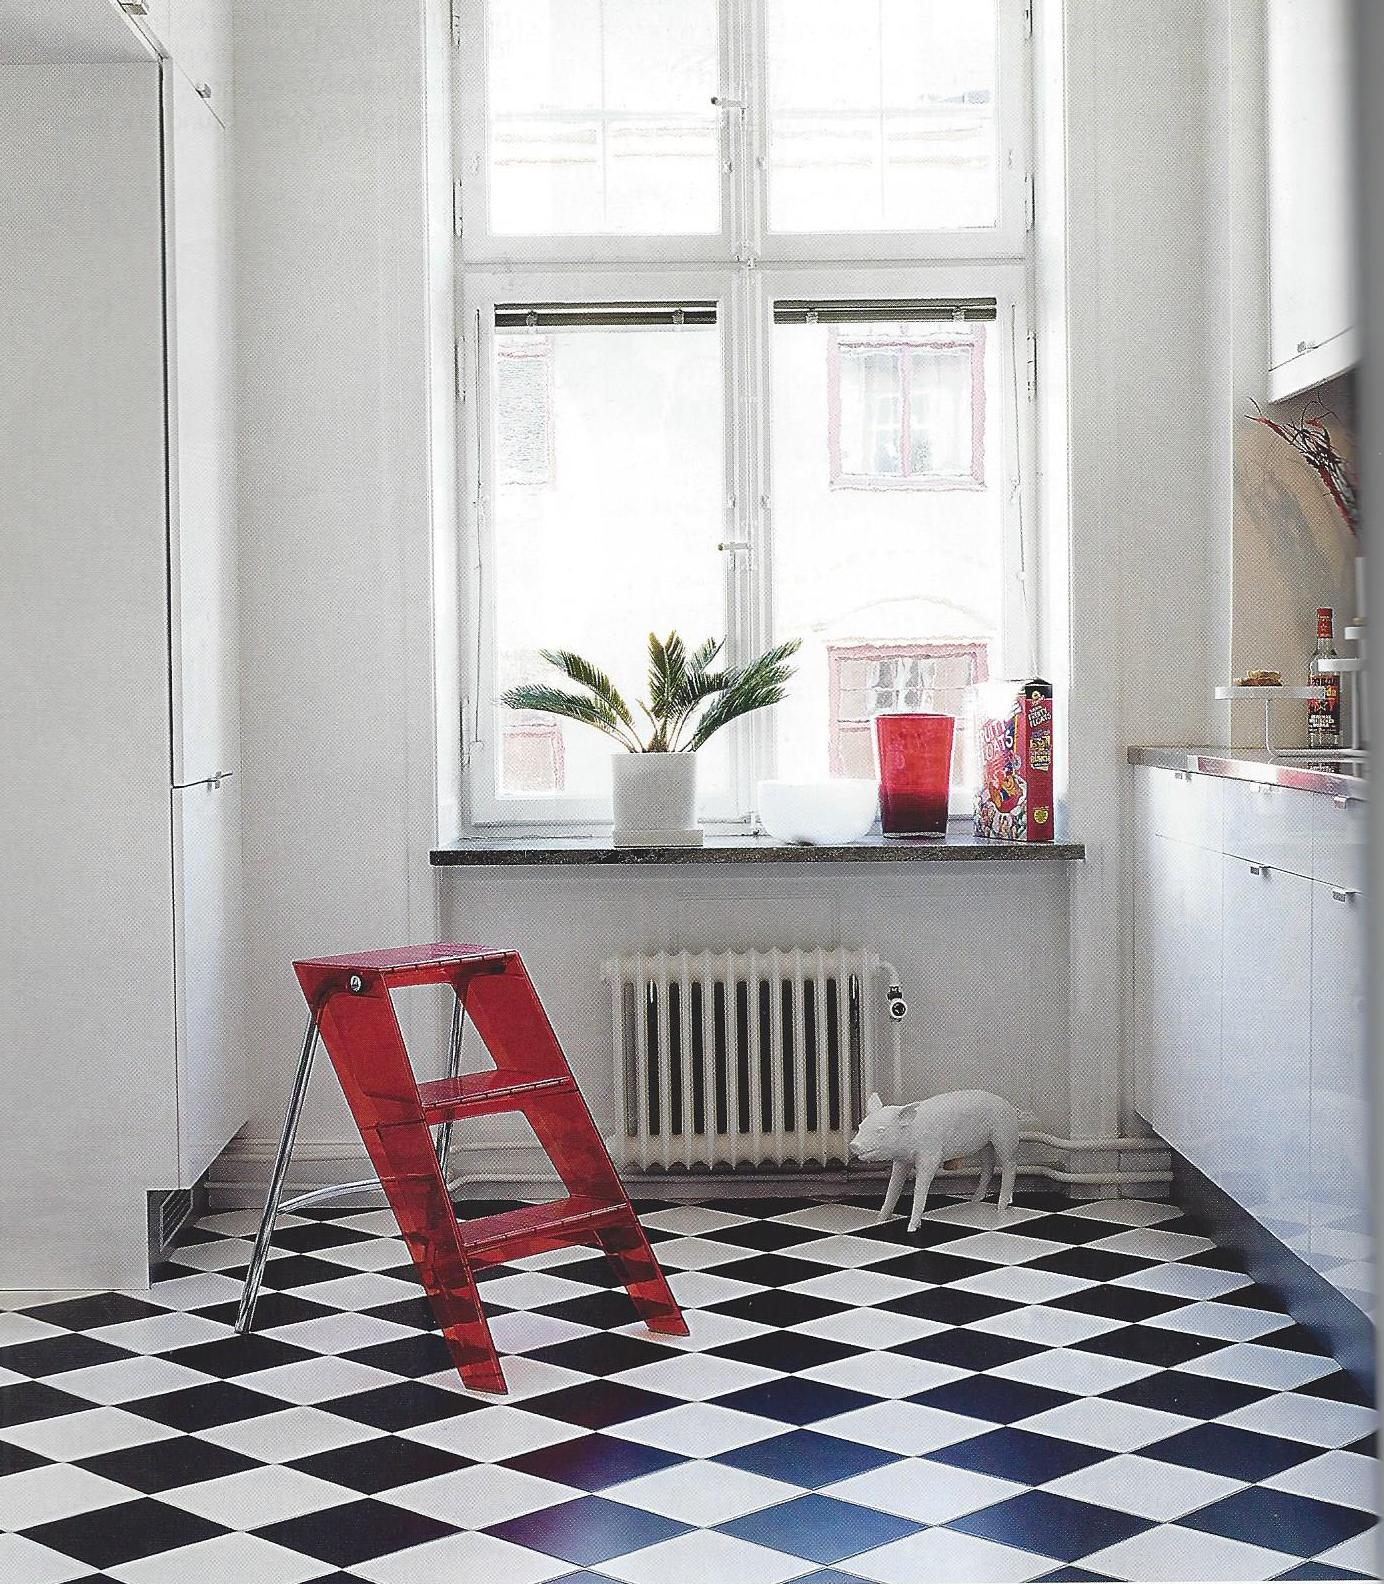 Decoration Tile Adorable Maison Créative #sol #floor #damier #cuisine #kitchen #decoration Inspiration Design